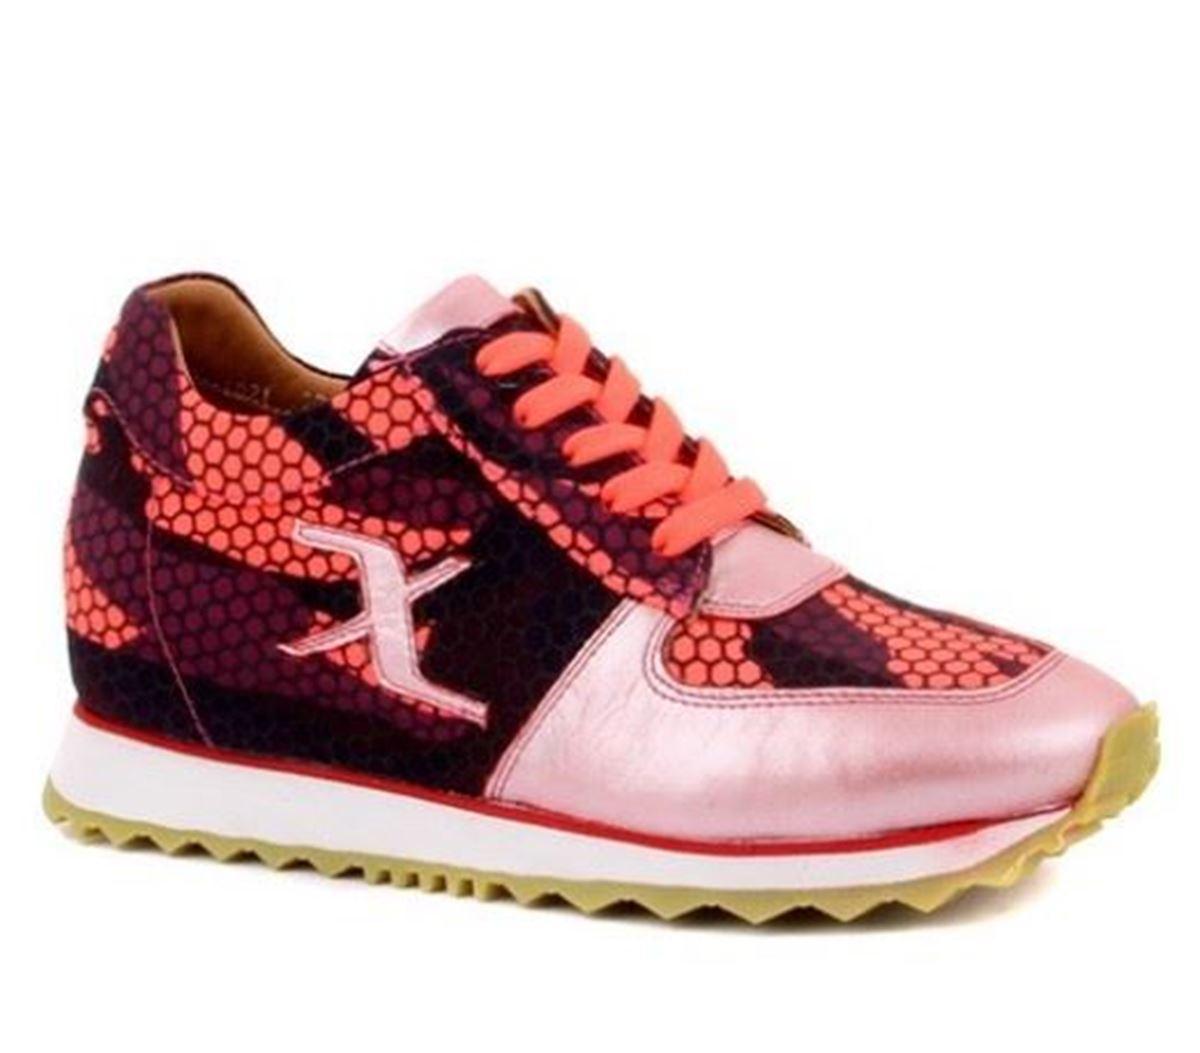 Picture of Moxee - Pembe Renk Kadın Günlük Ayakkabı